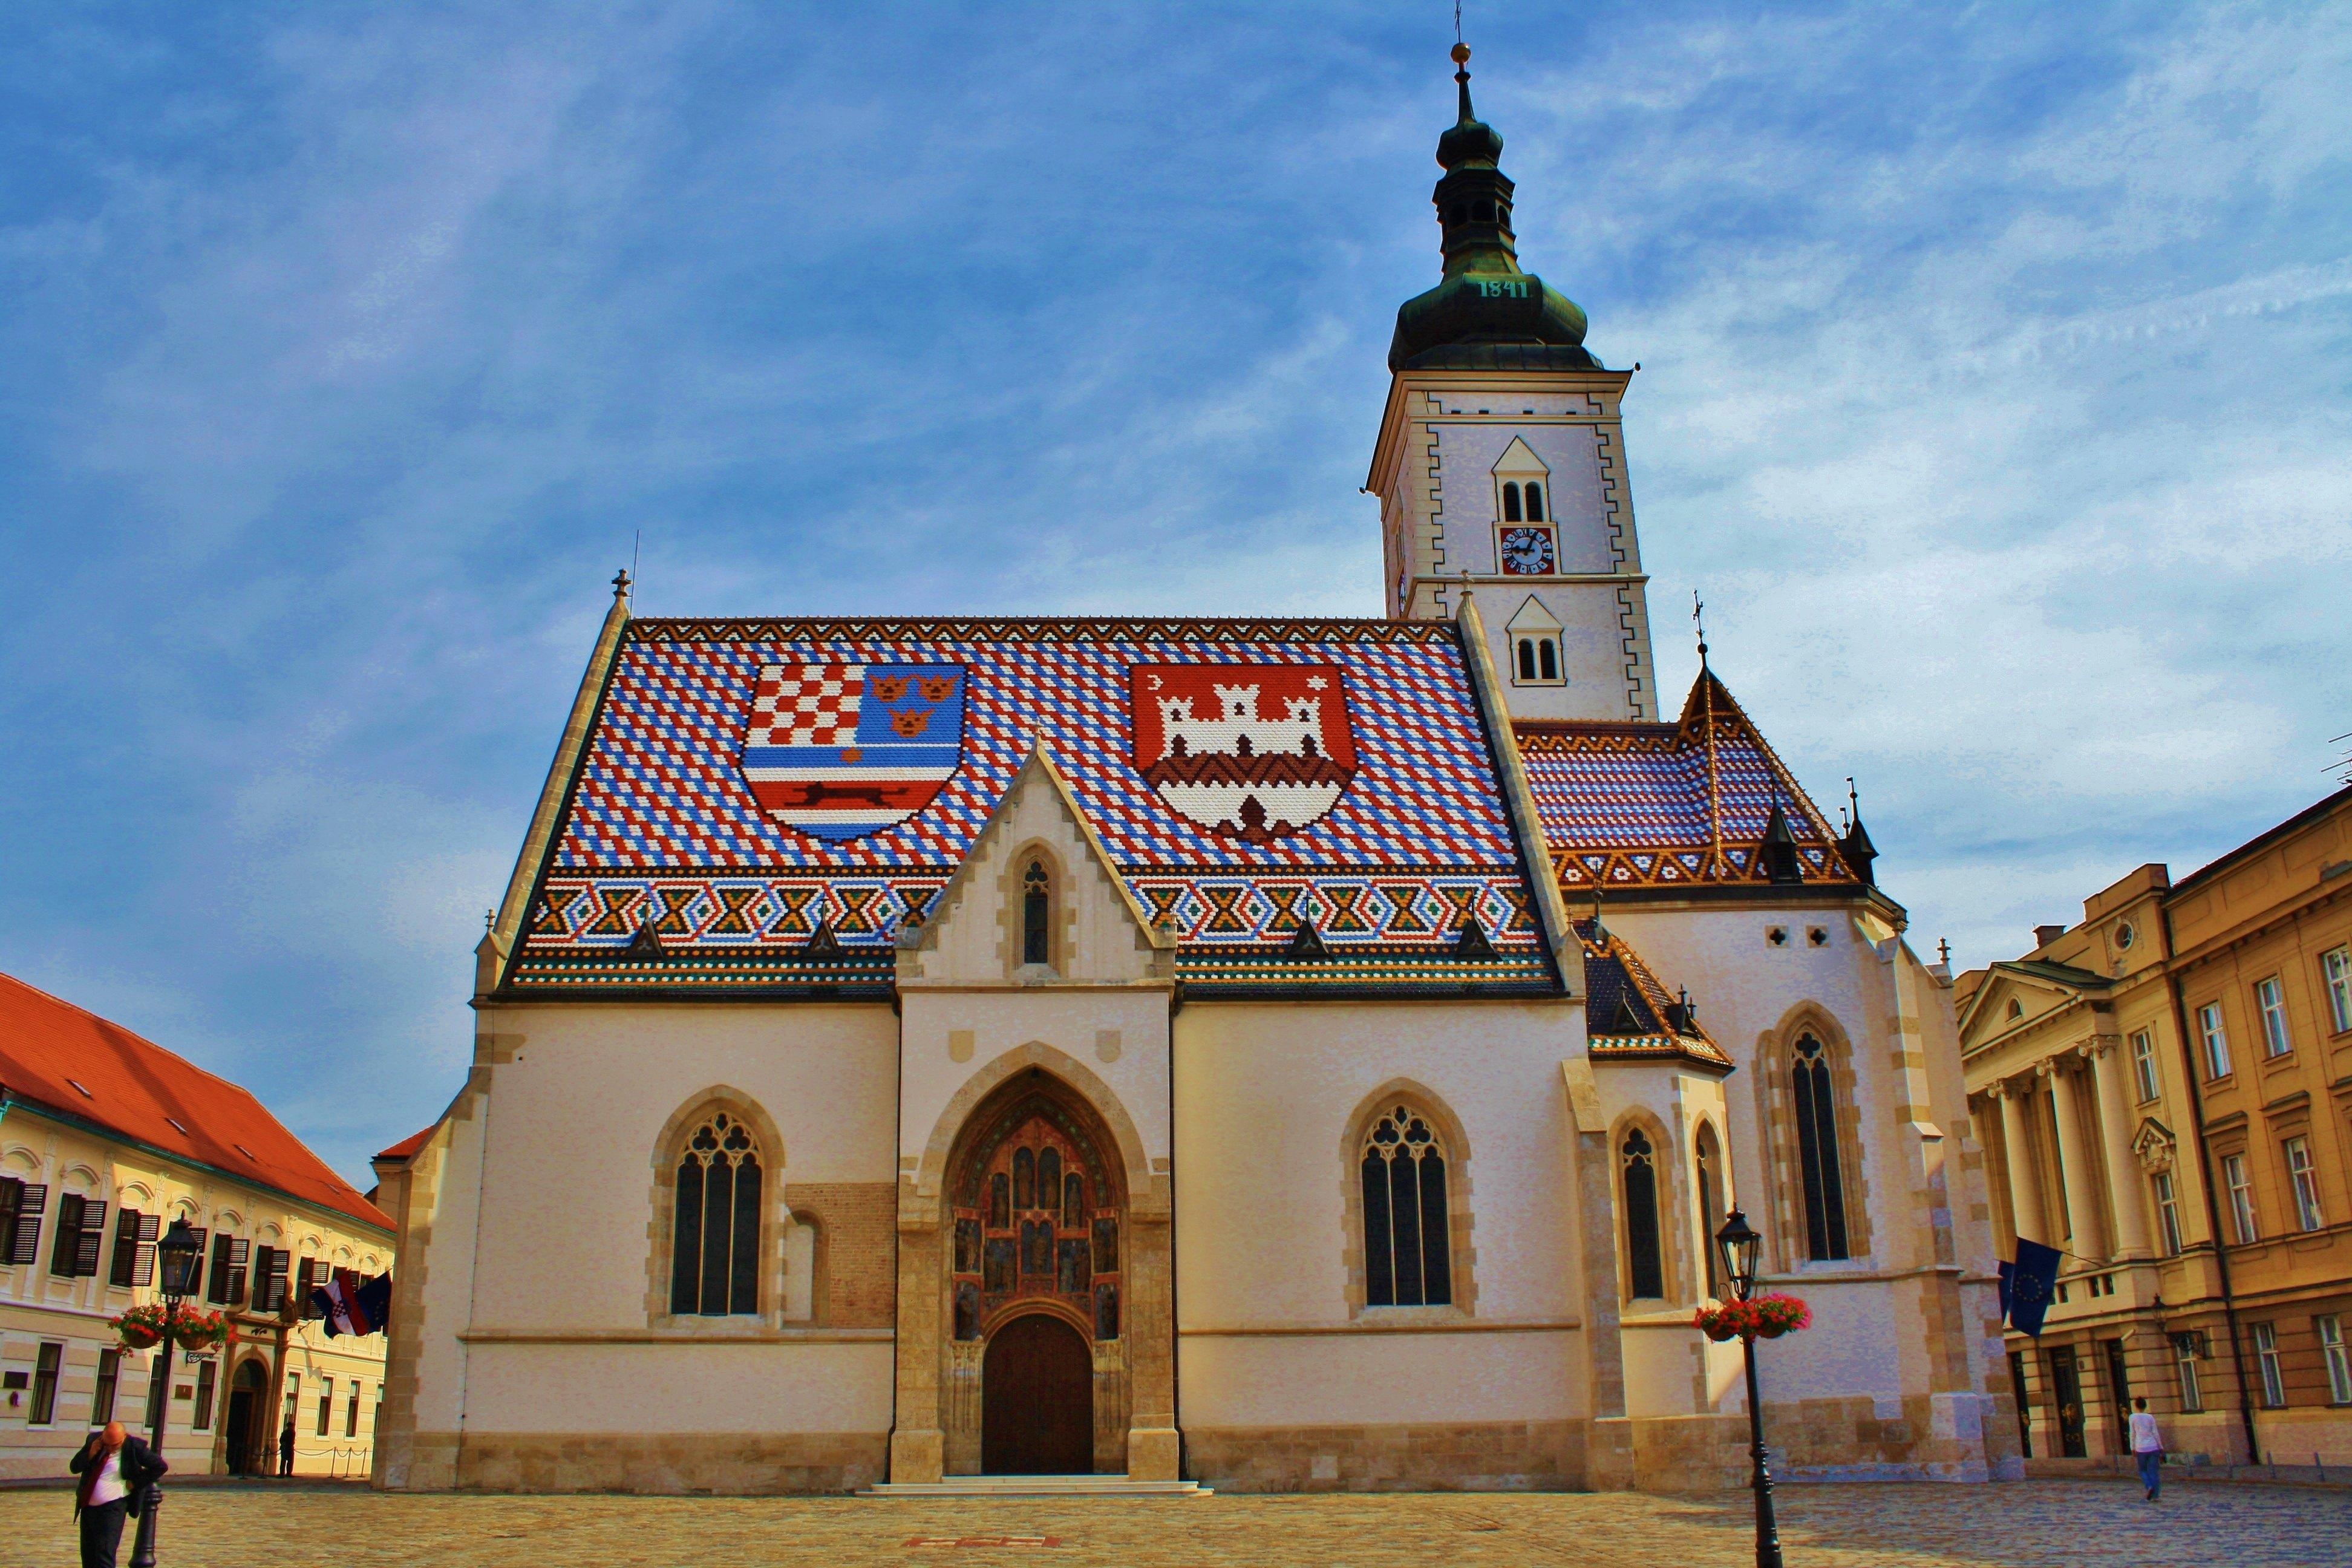 圣馬可教堂  St Mark's Church   -2